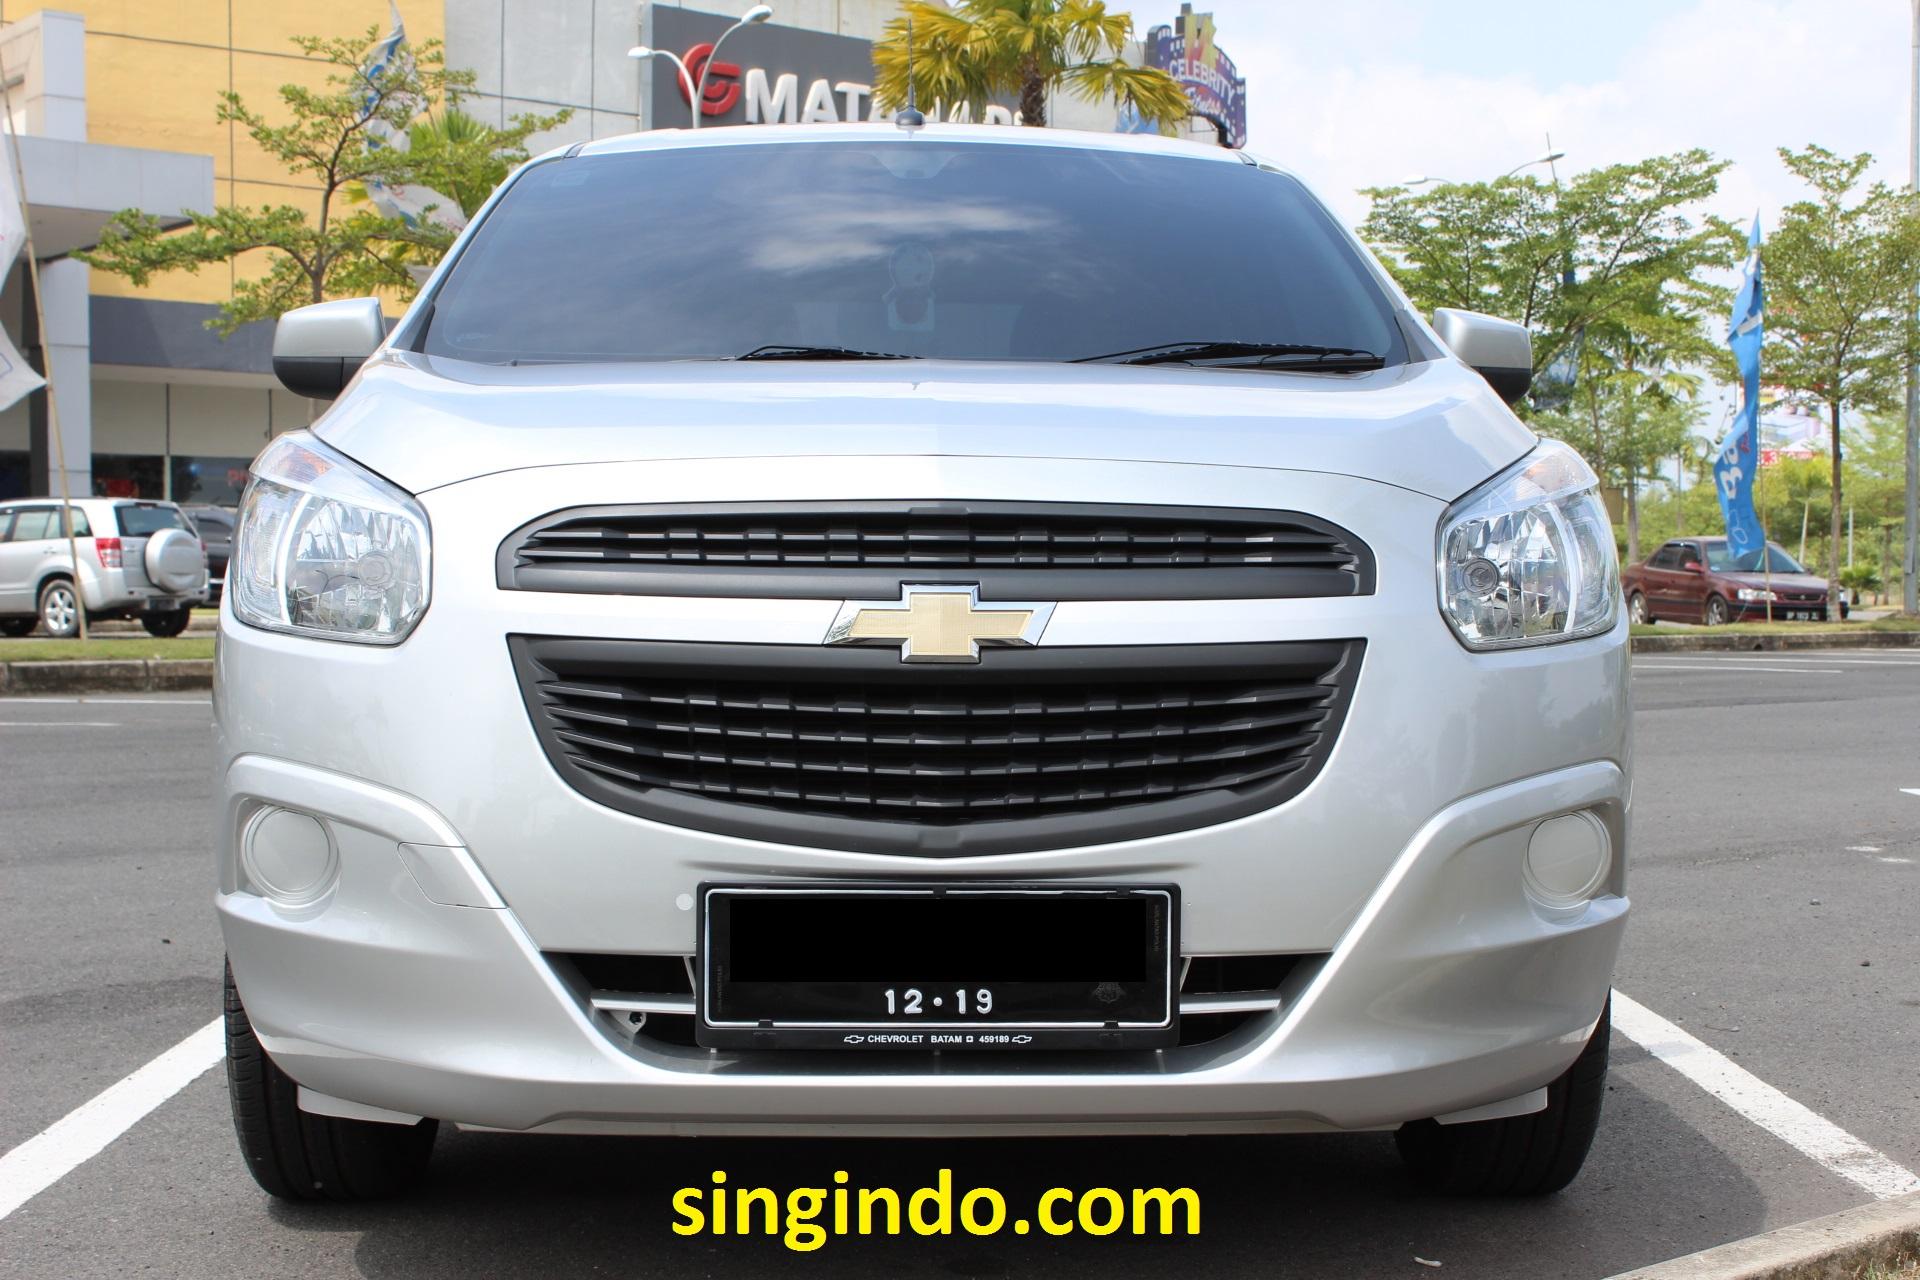 Variasi Mobil Chevrolet Spin Terbaru